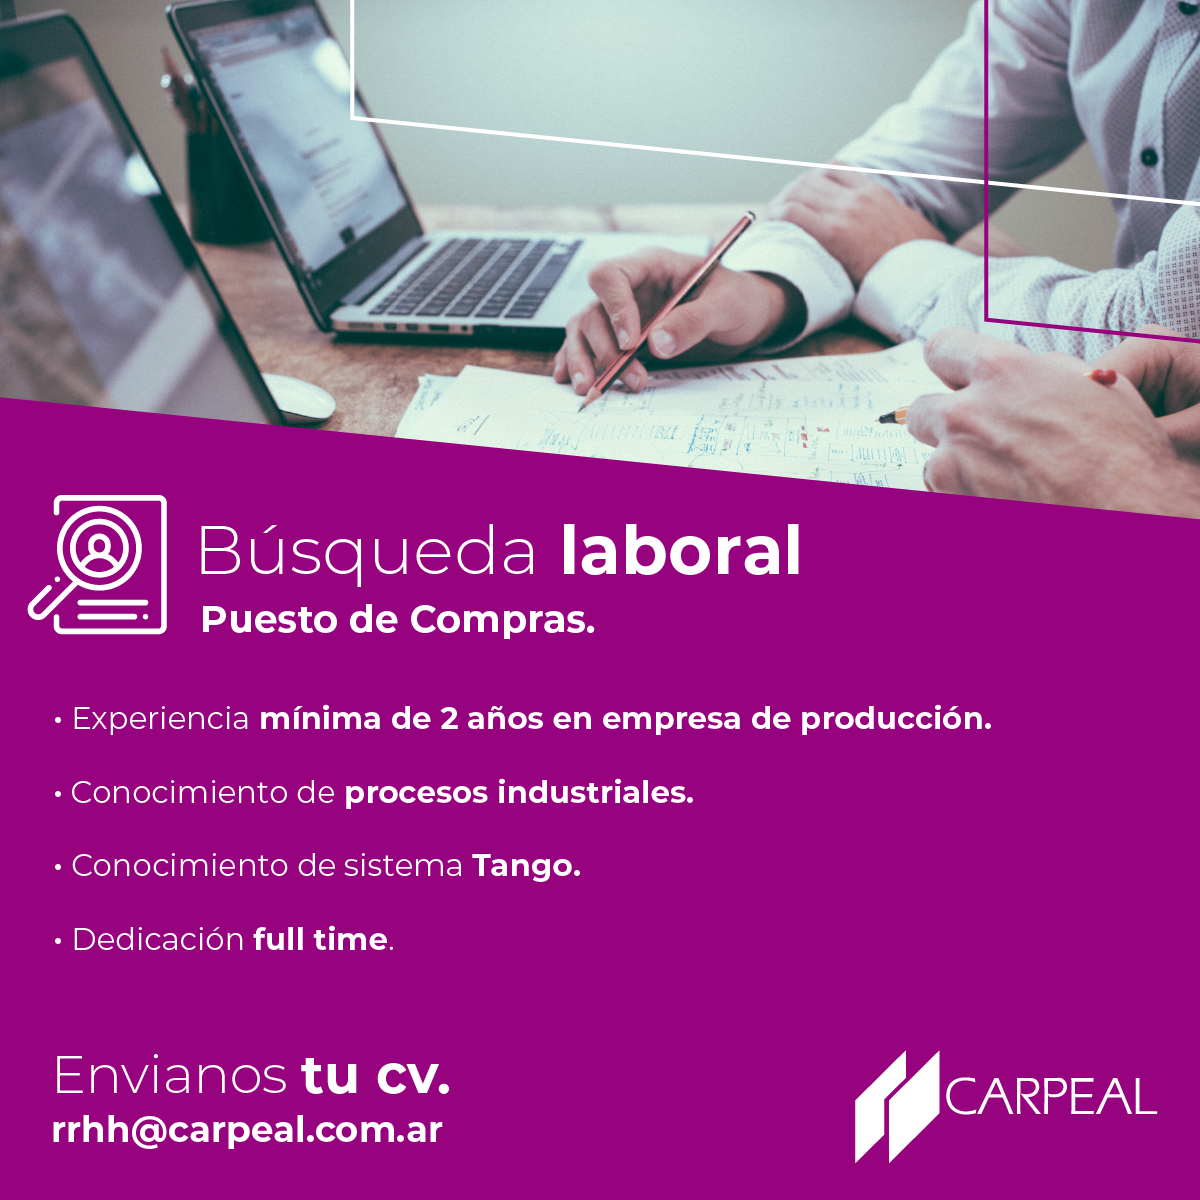 CARPEAL - Búsqueda Laboral - Compras.